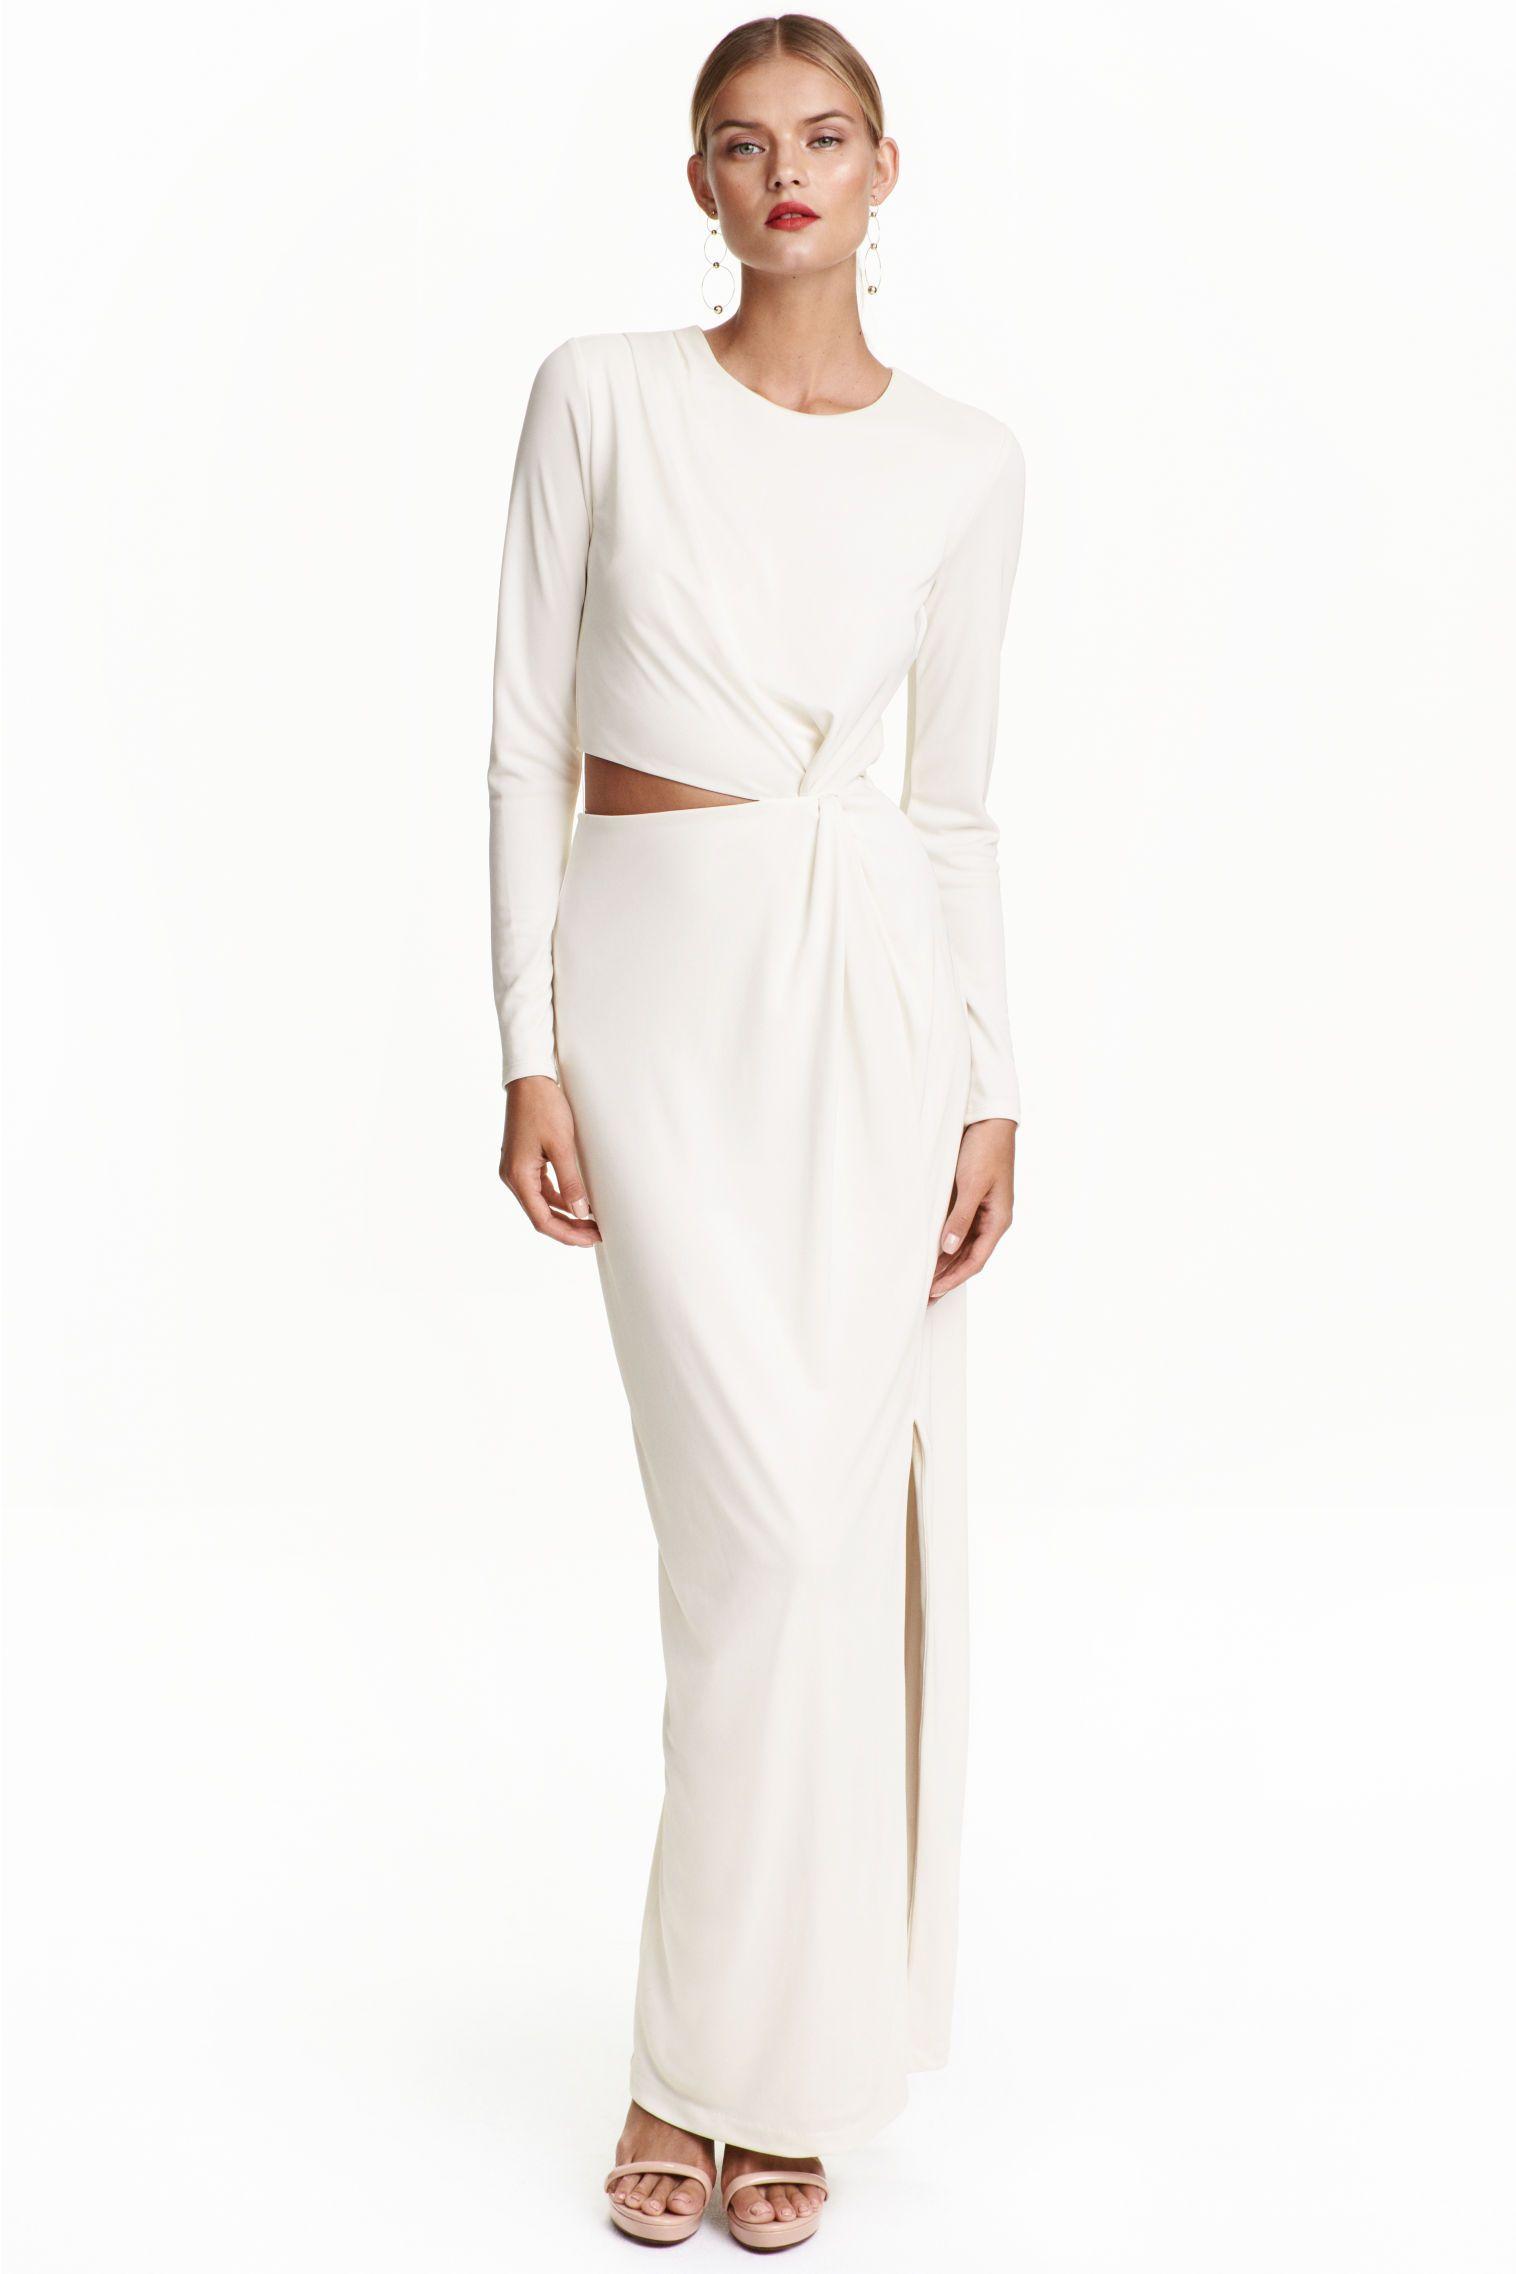 Dress for destination beach wedding guest  H m maxi dress canada visa  Wedding dress  Pinterest  Maxi dress